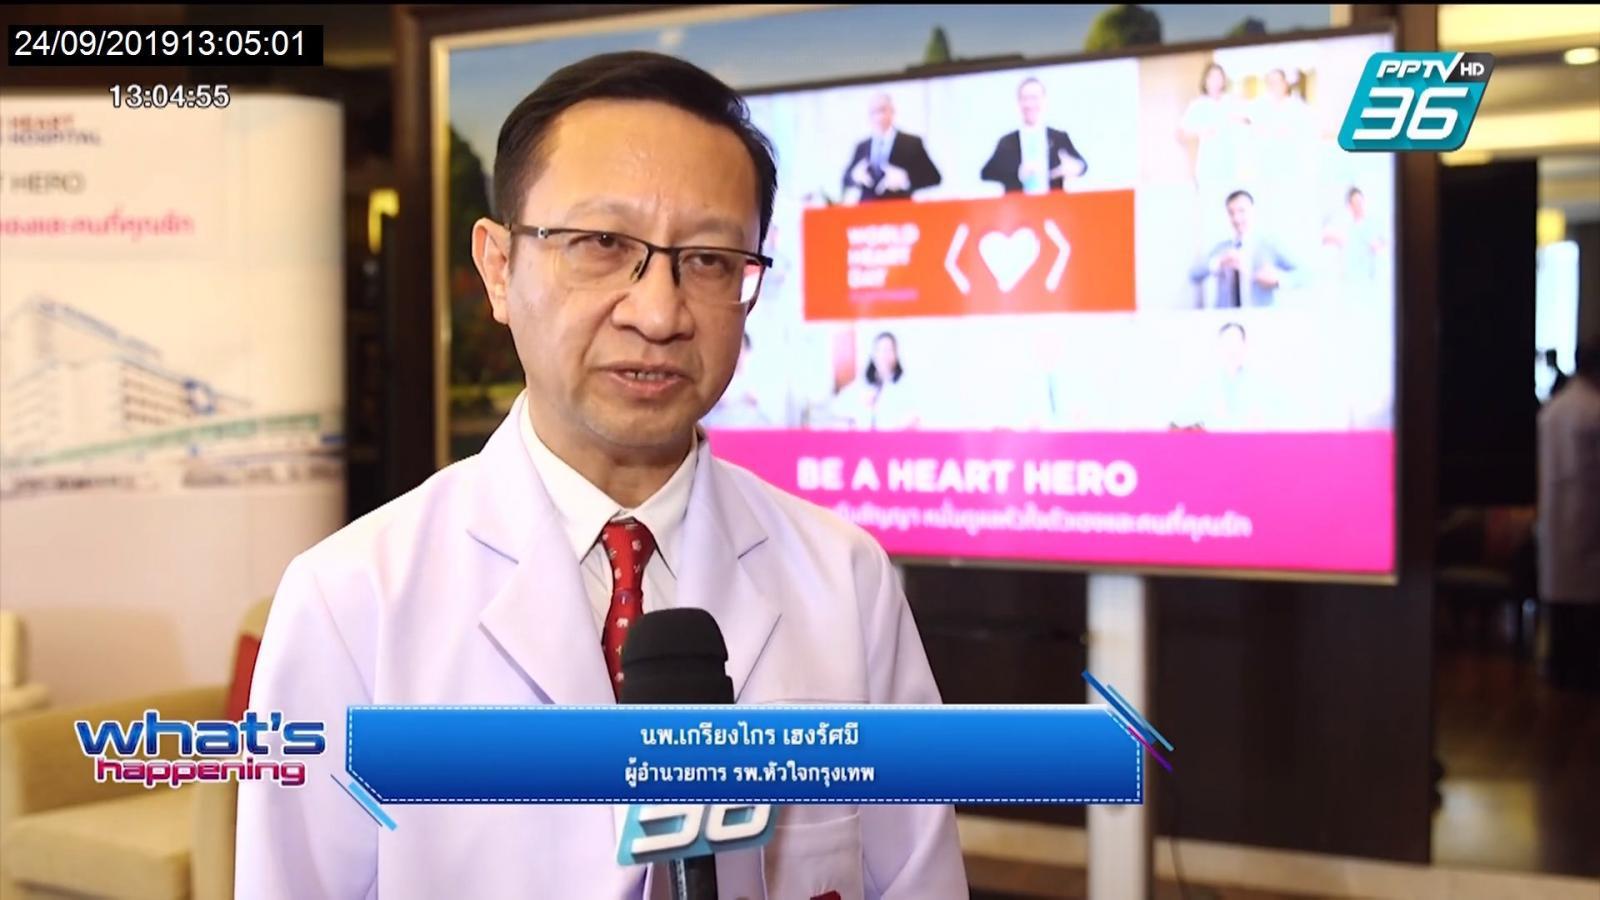 โรงพยาบาลหัวใจกรุงเทพ จัดงาน World Heart Day : BE A HEART HERO